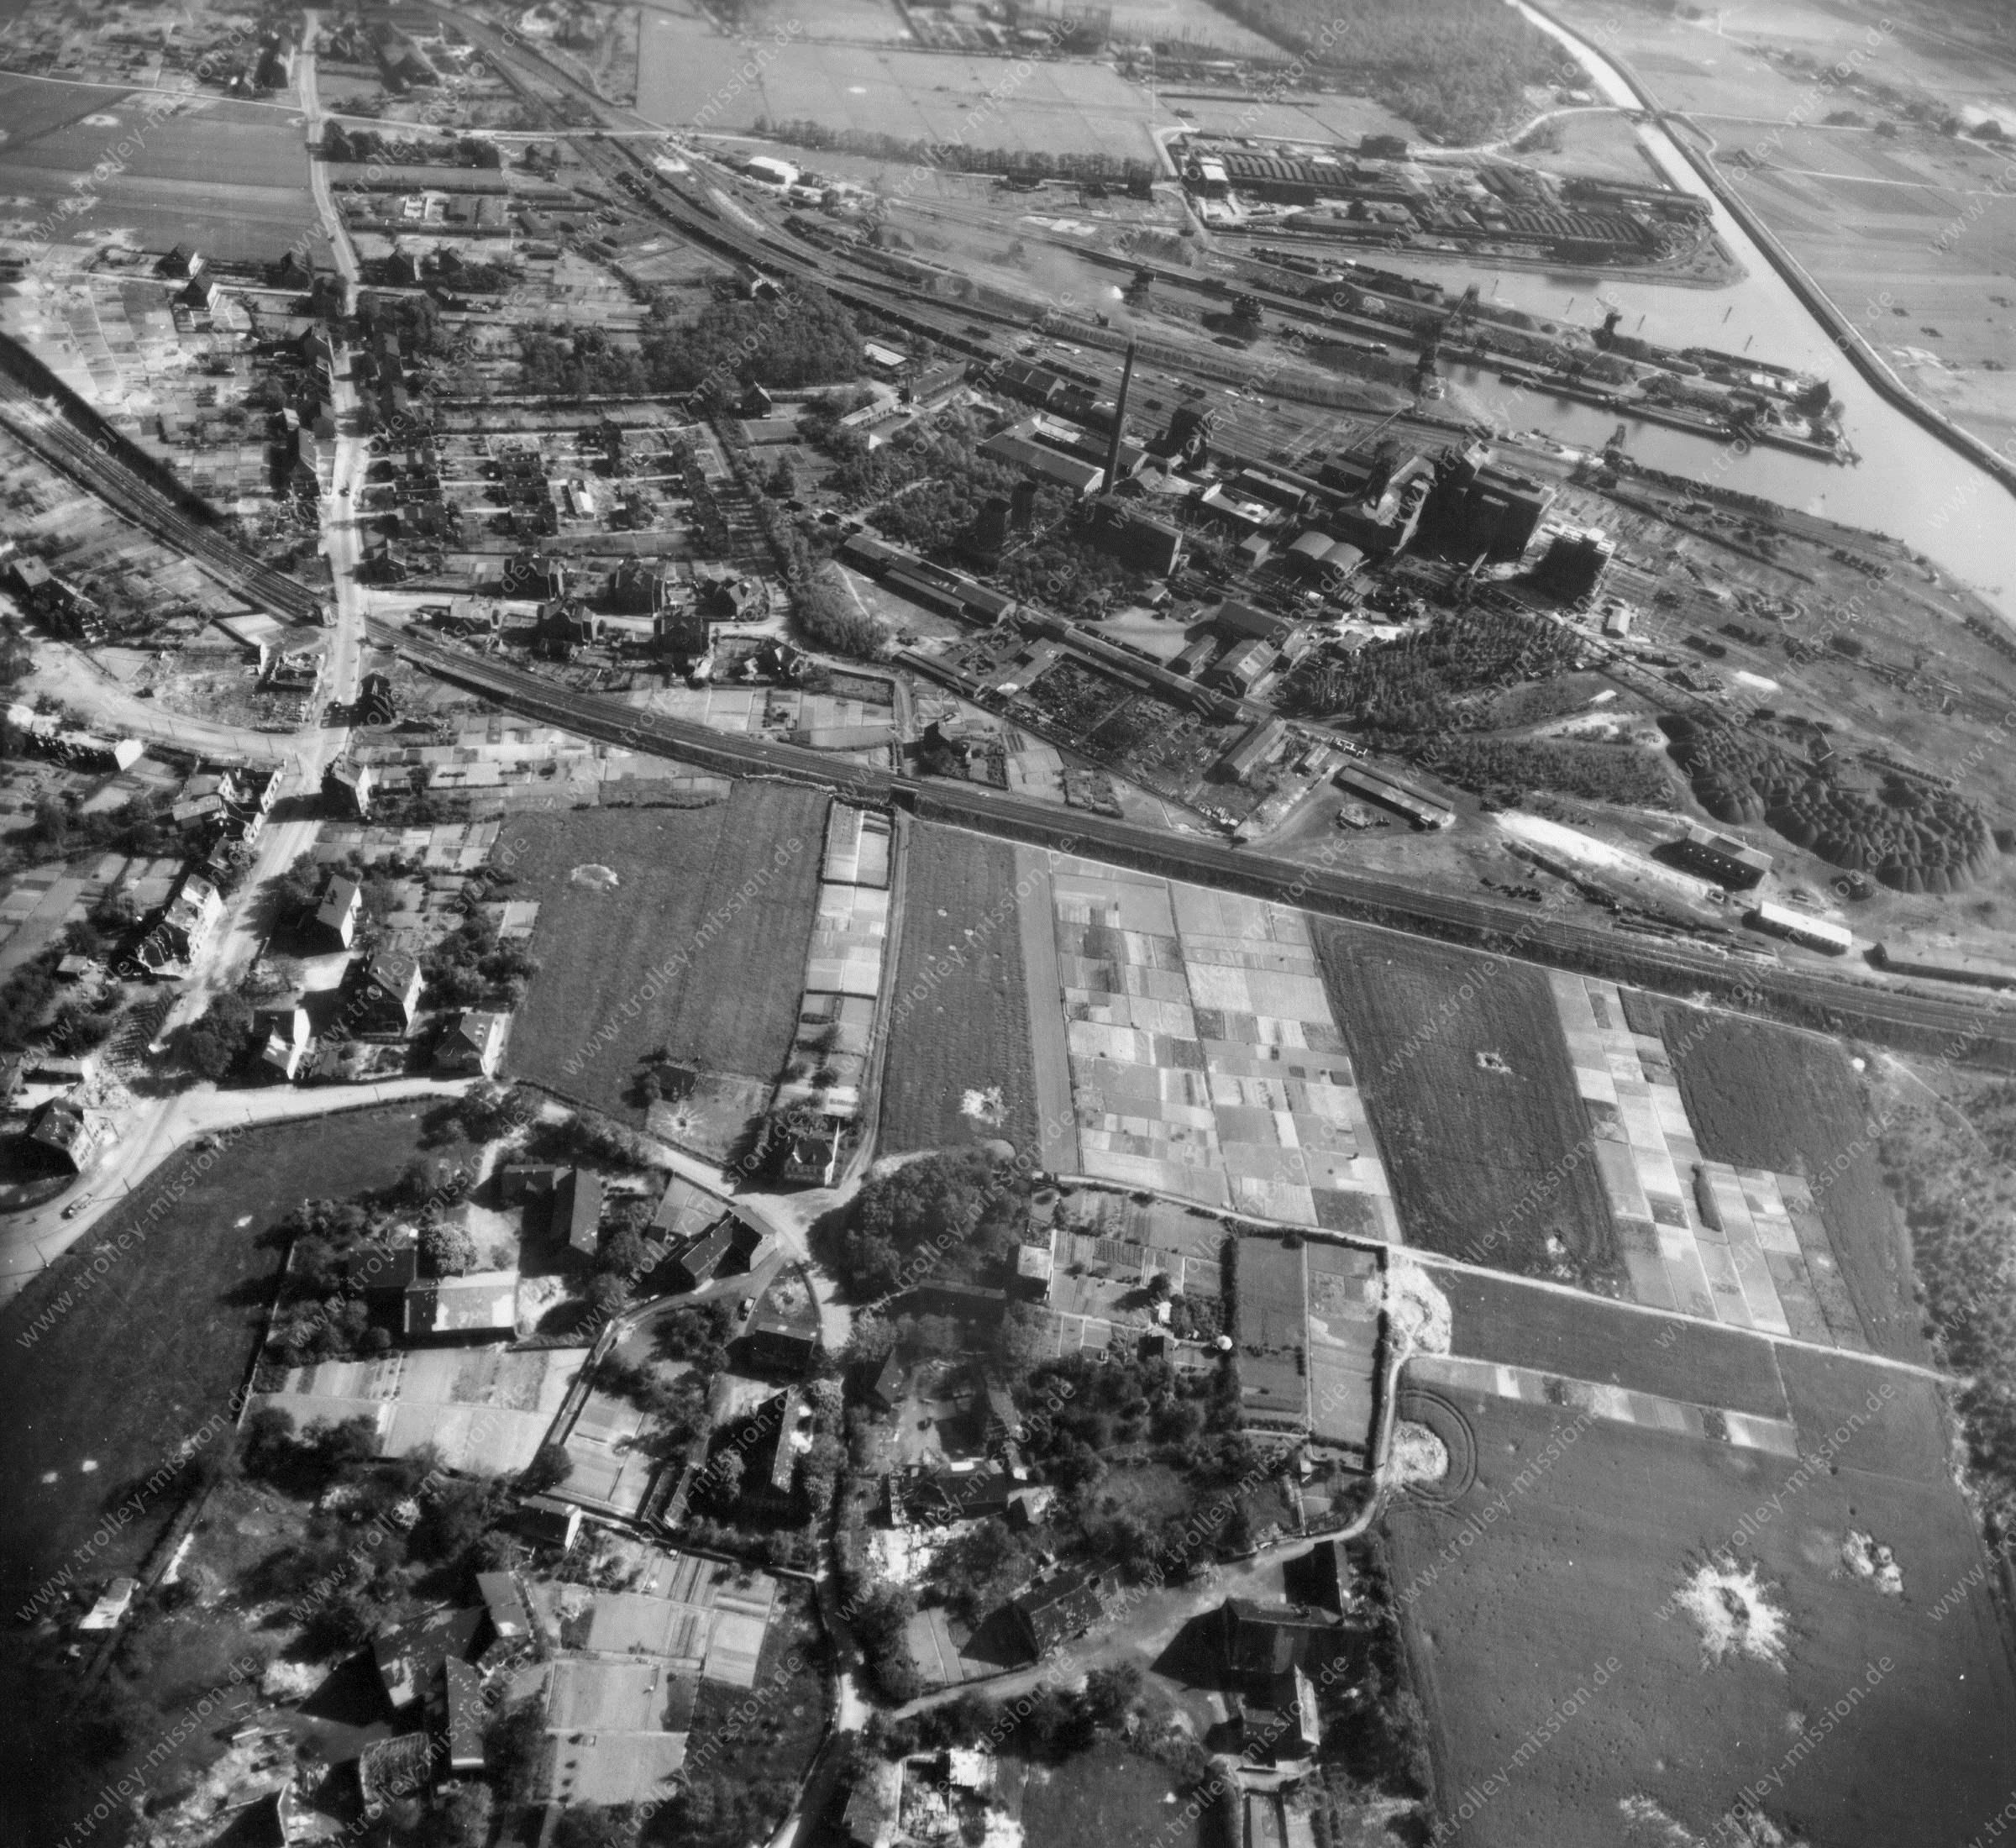 Dortmund Luftbild Hafen bzw. Hardenberghafen